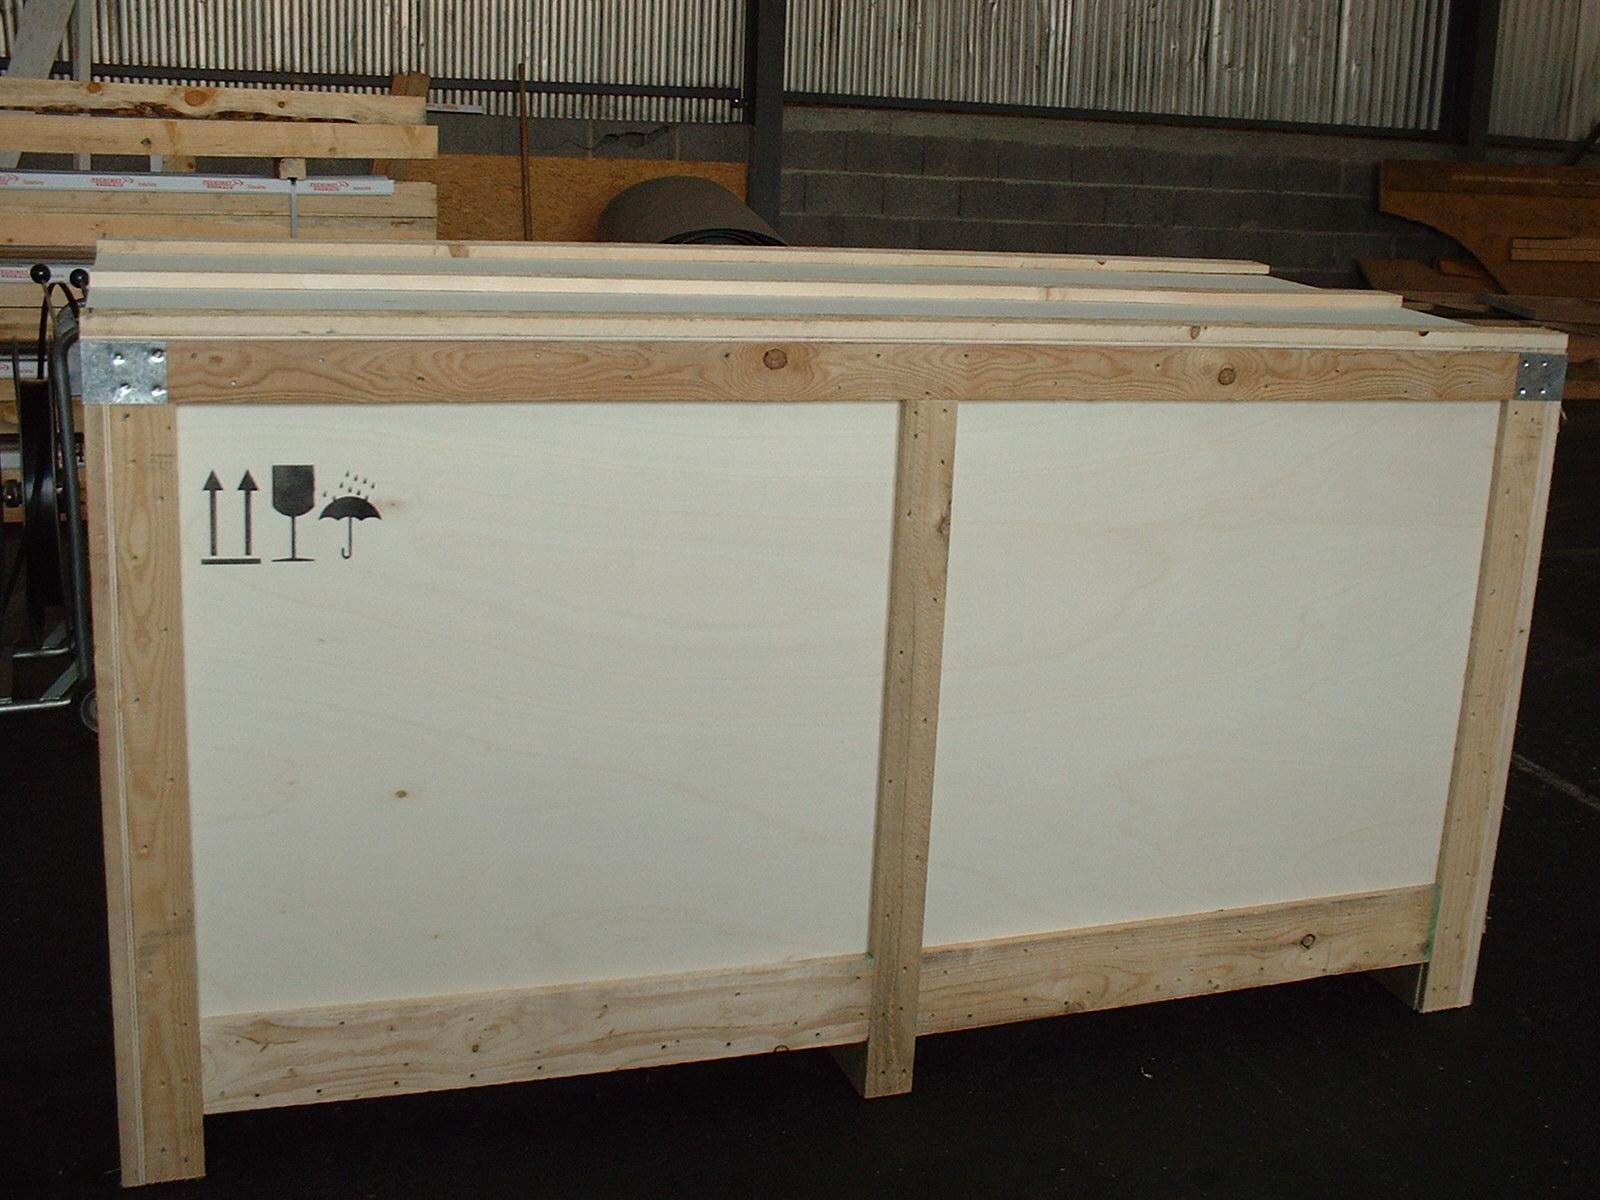 Caisserie spécifique pour calages complexes et fragile dans l'aeronautique (1)